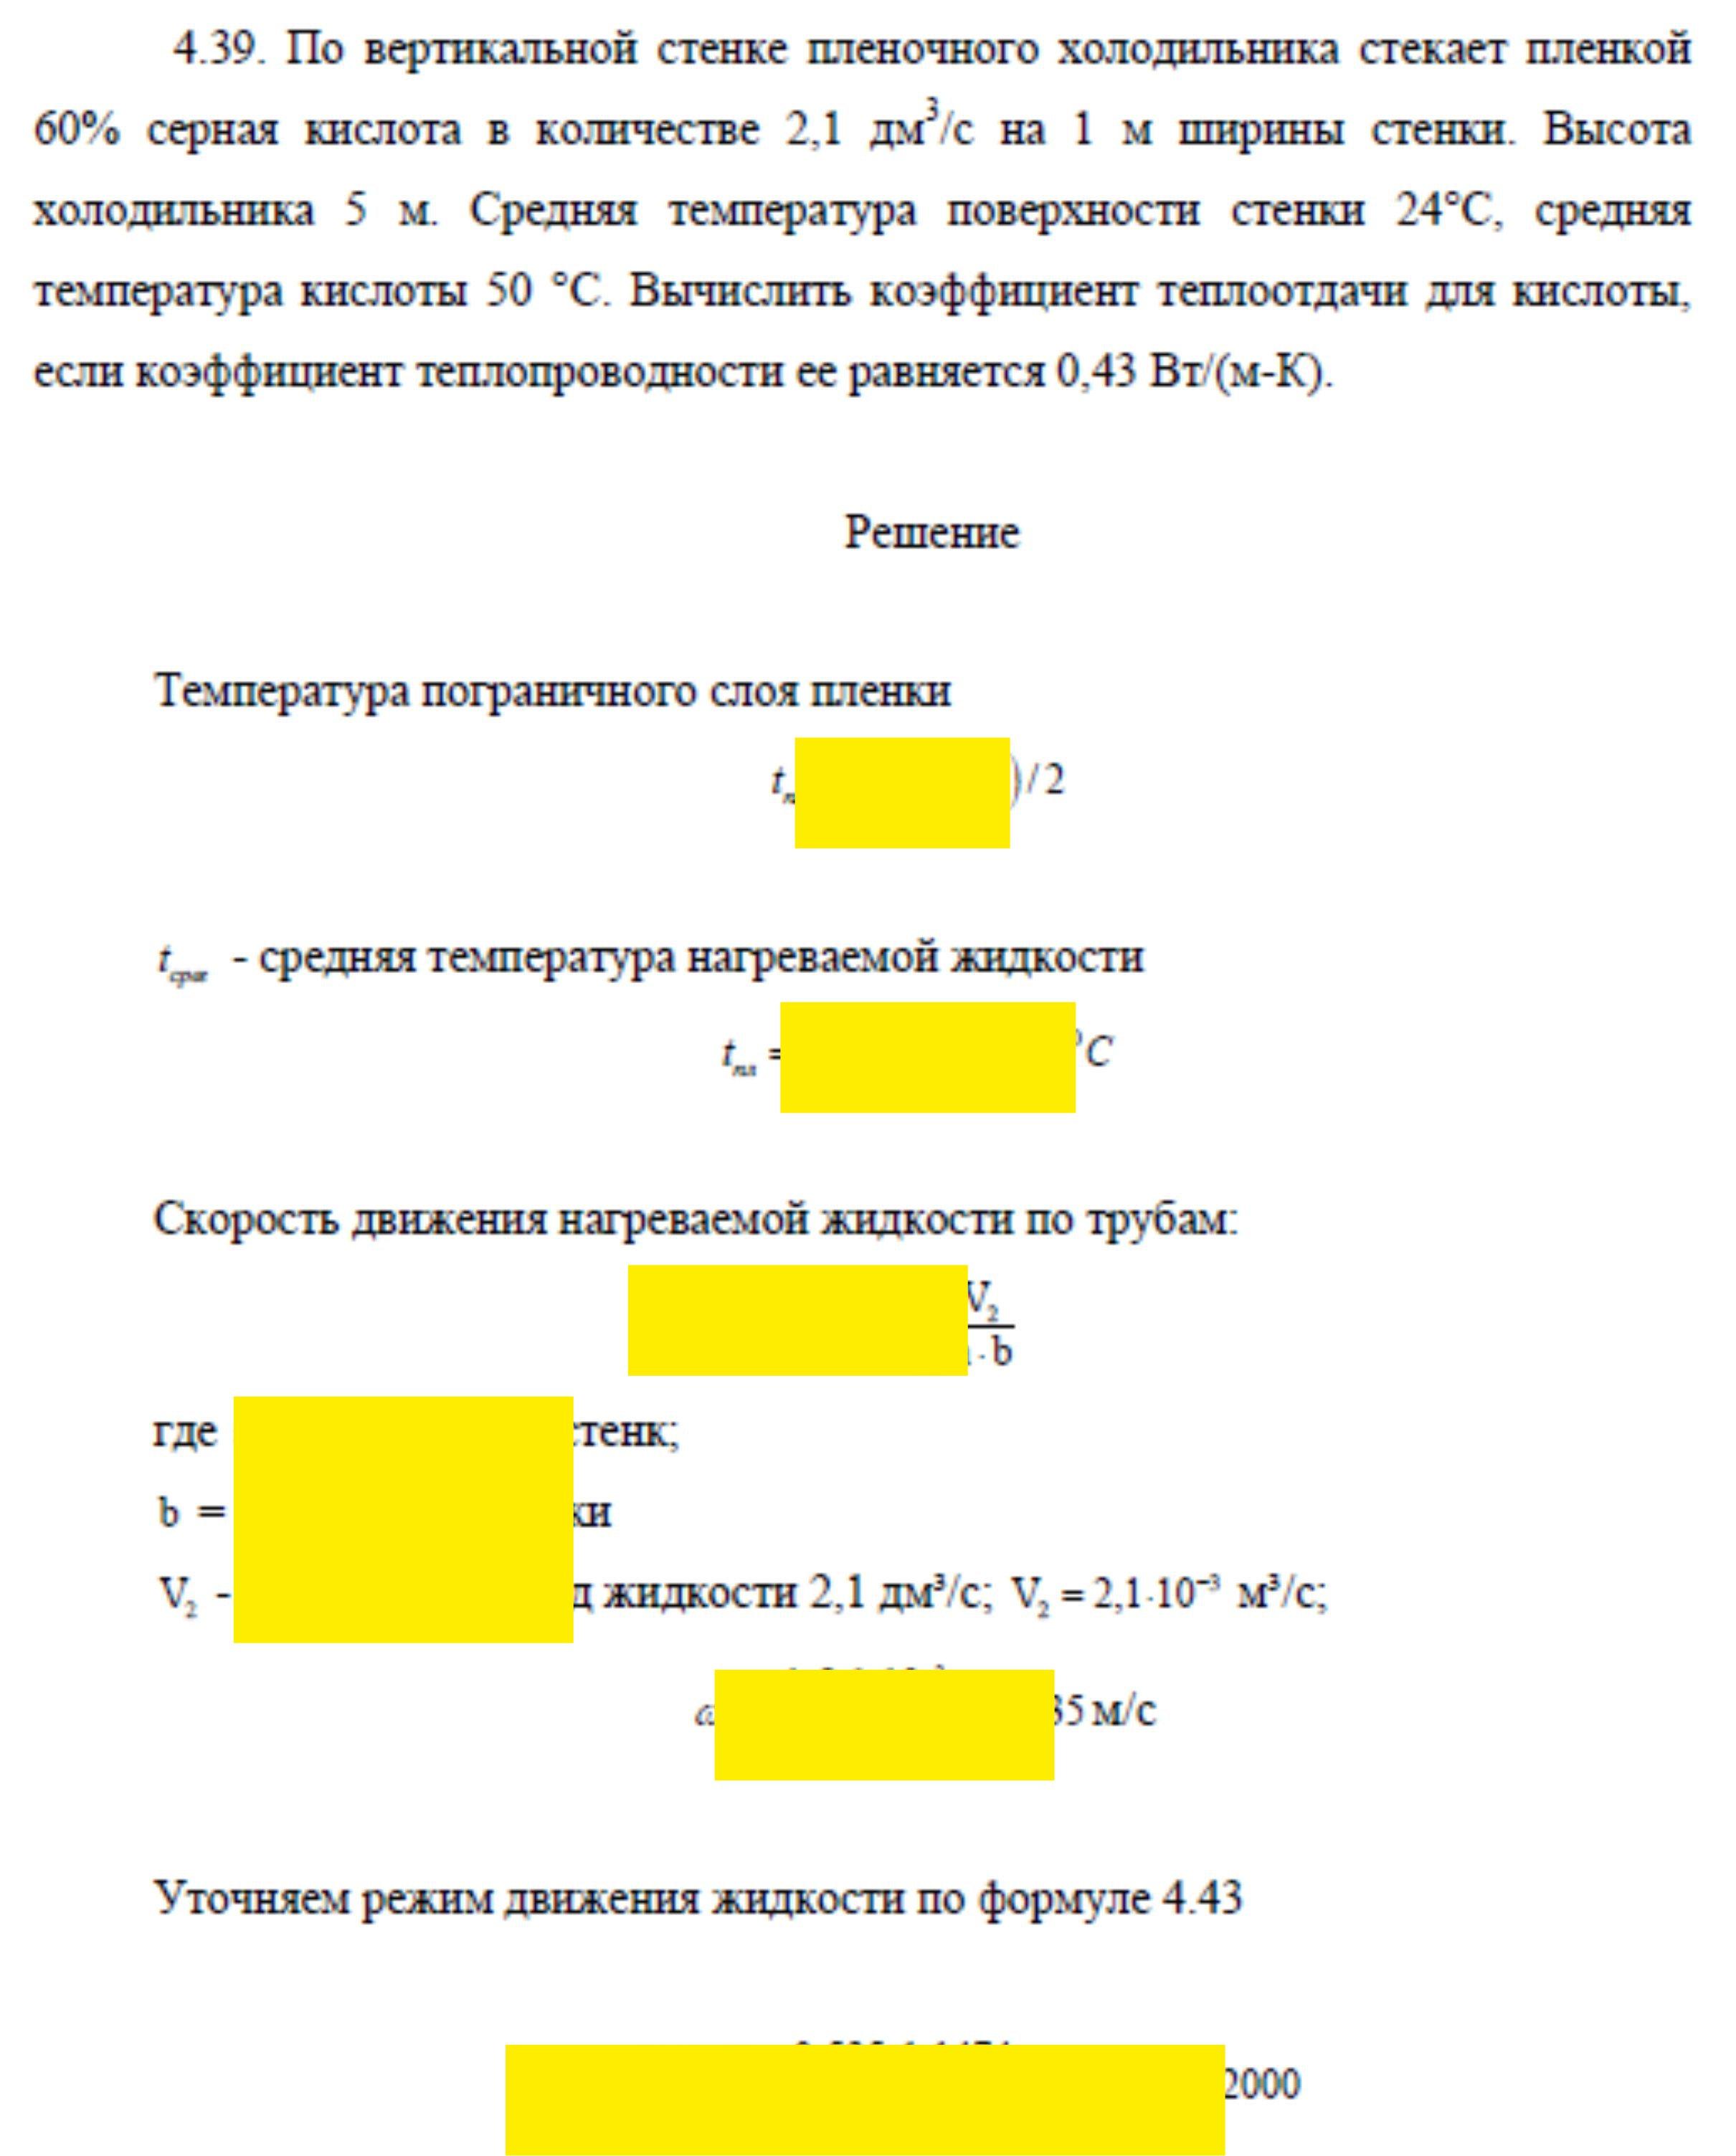 Решение задачи 4.39 по ПАХТ из задачника Павлова Романкова Носкова